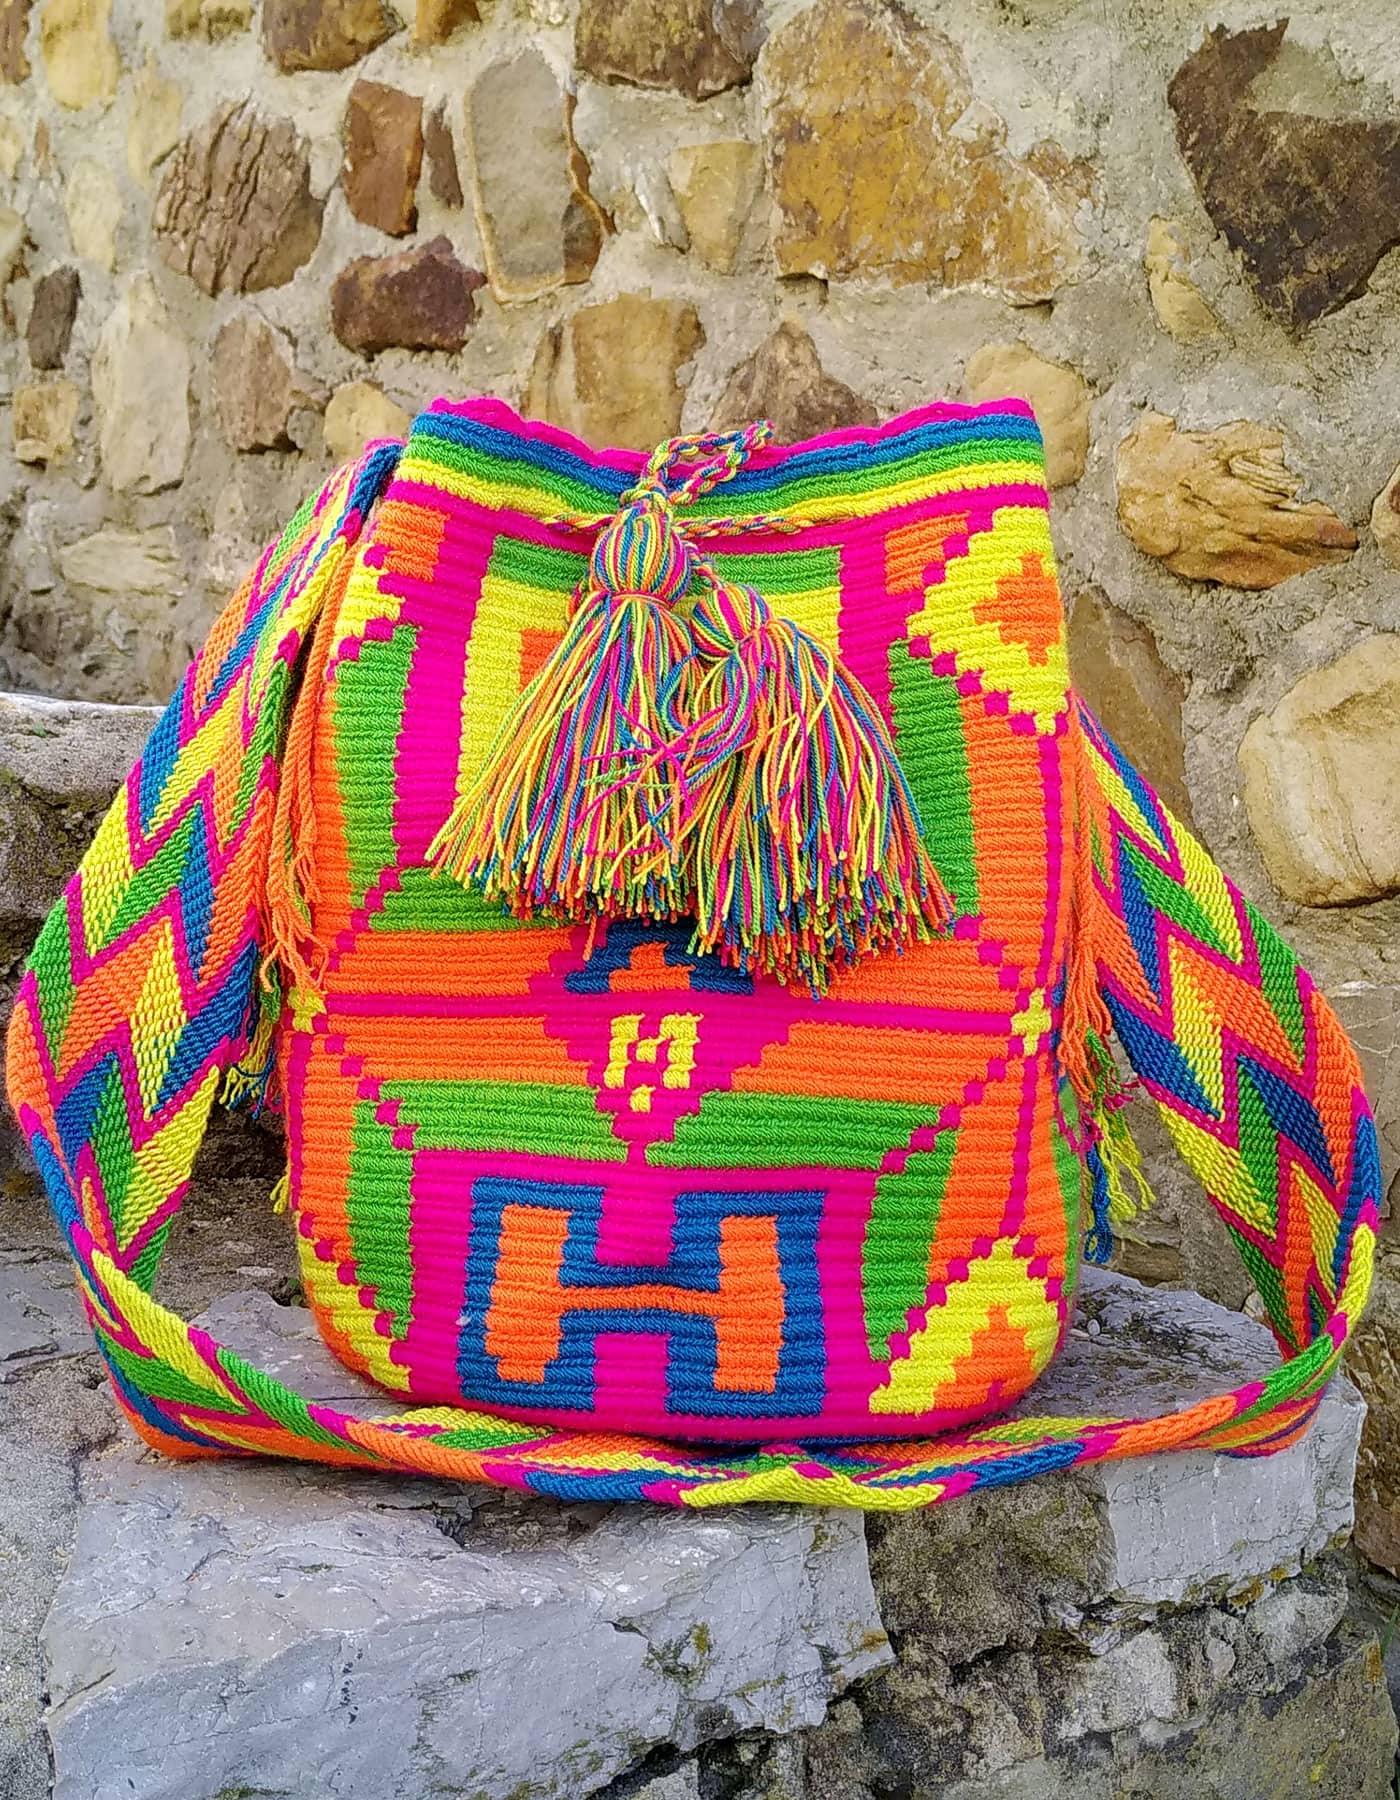 Bolso Wayuu Artesanal, Auténtico y Original (sólo 1 igual) con motivos tribales en naranja, rosa, verde, azul y amarillo B